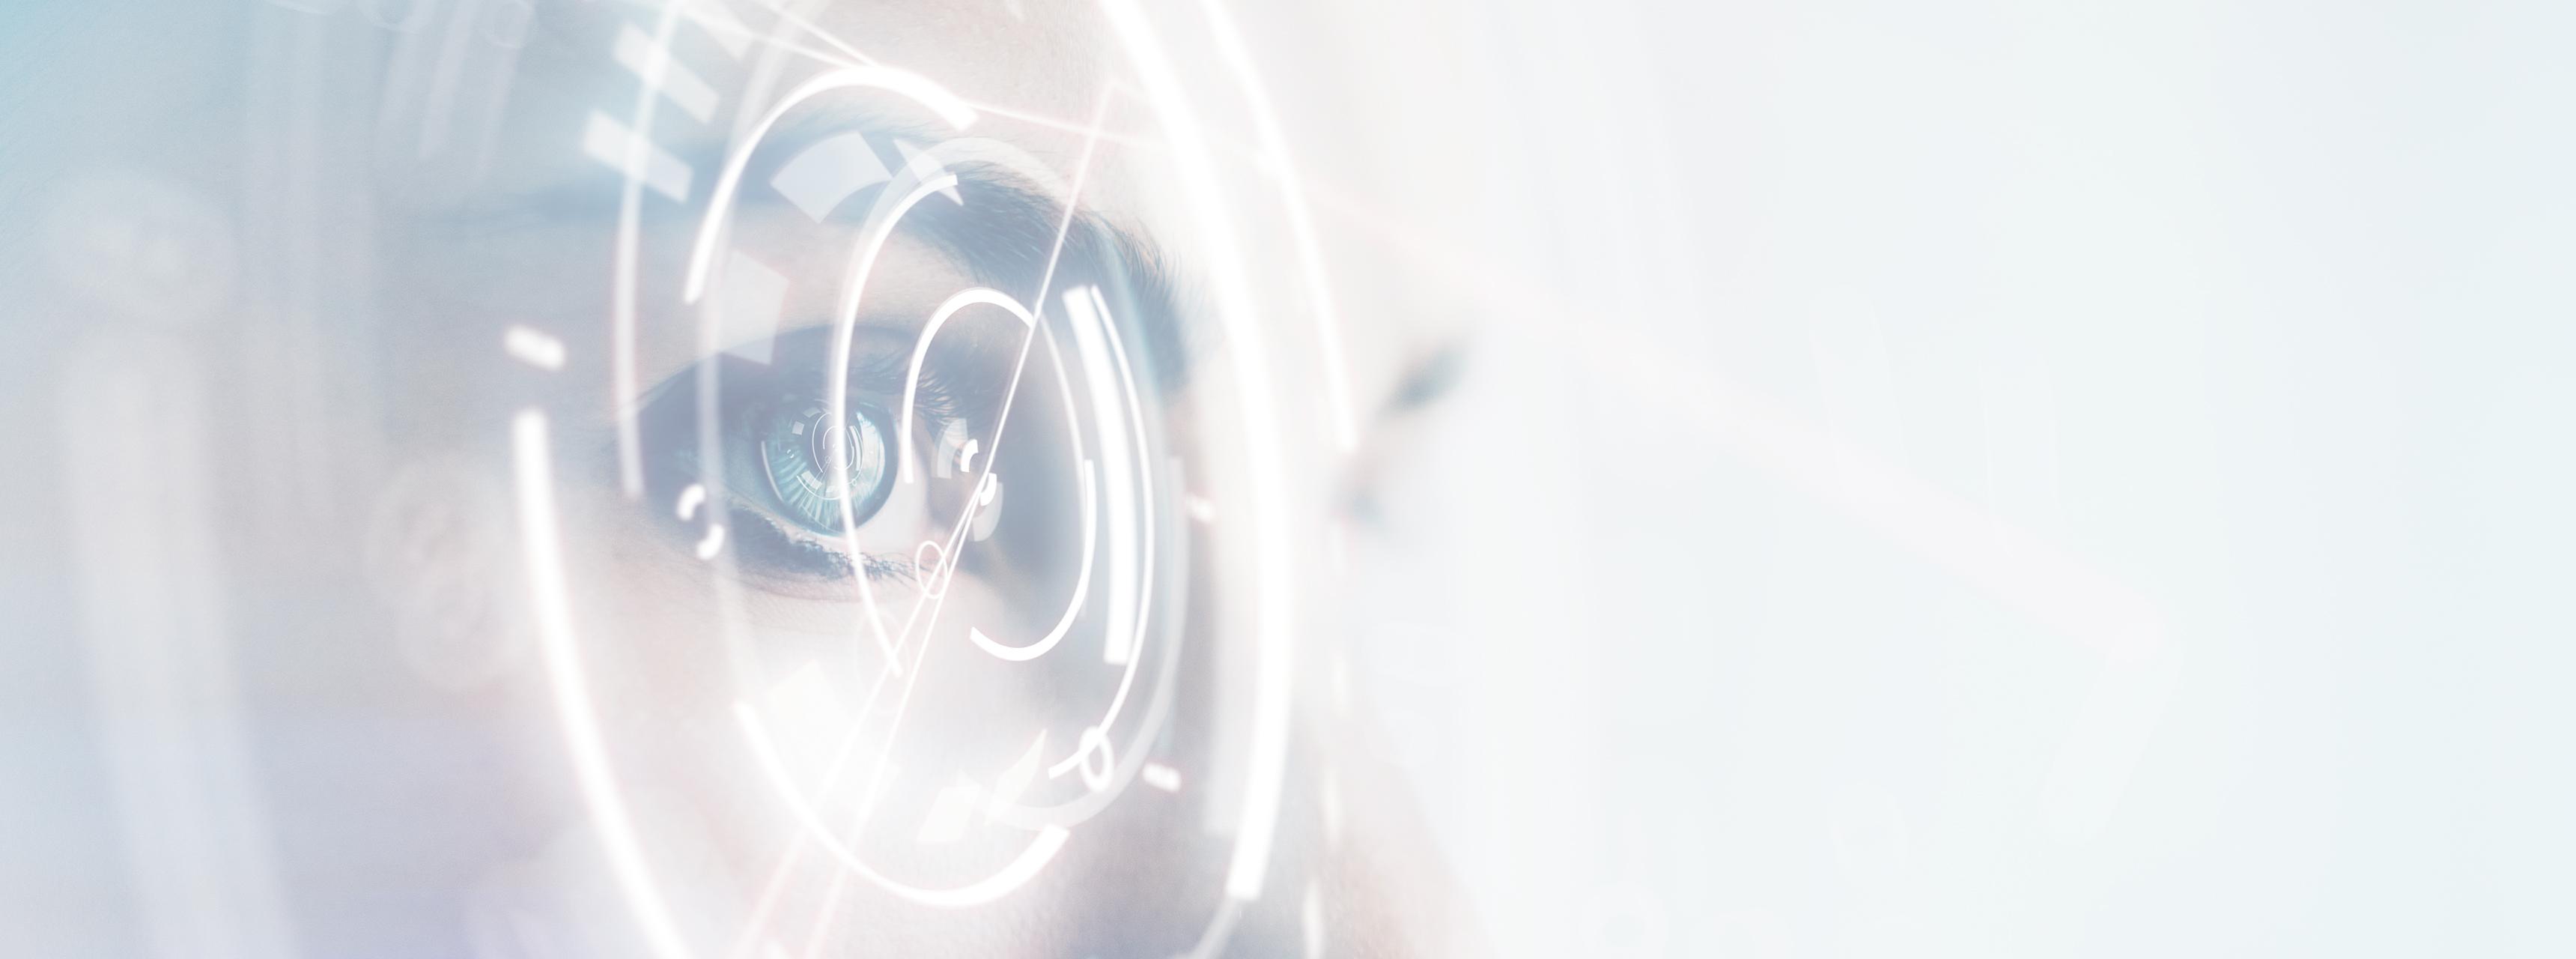 hogyan lehet csökkenteni a látását a látás tisztasága